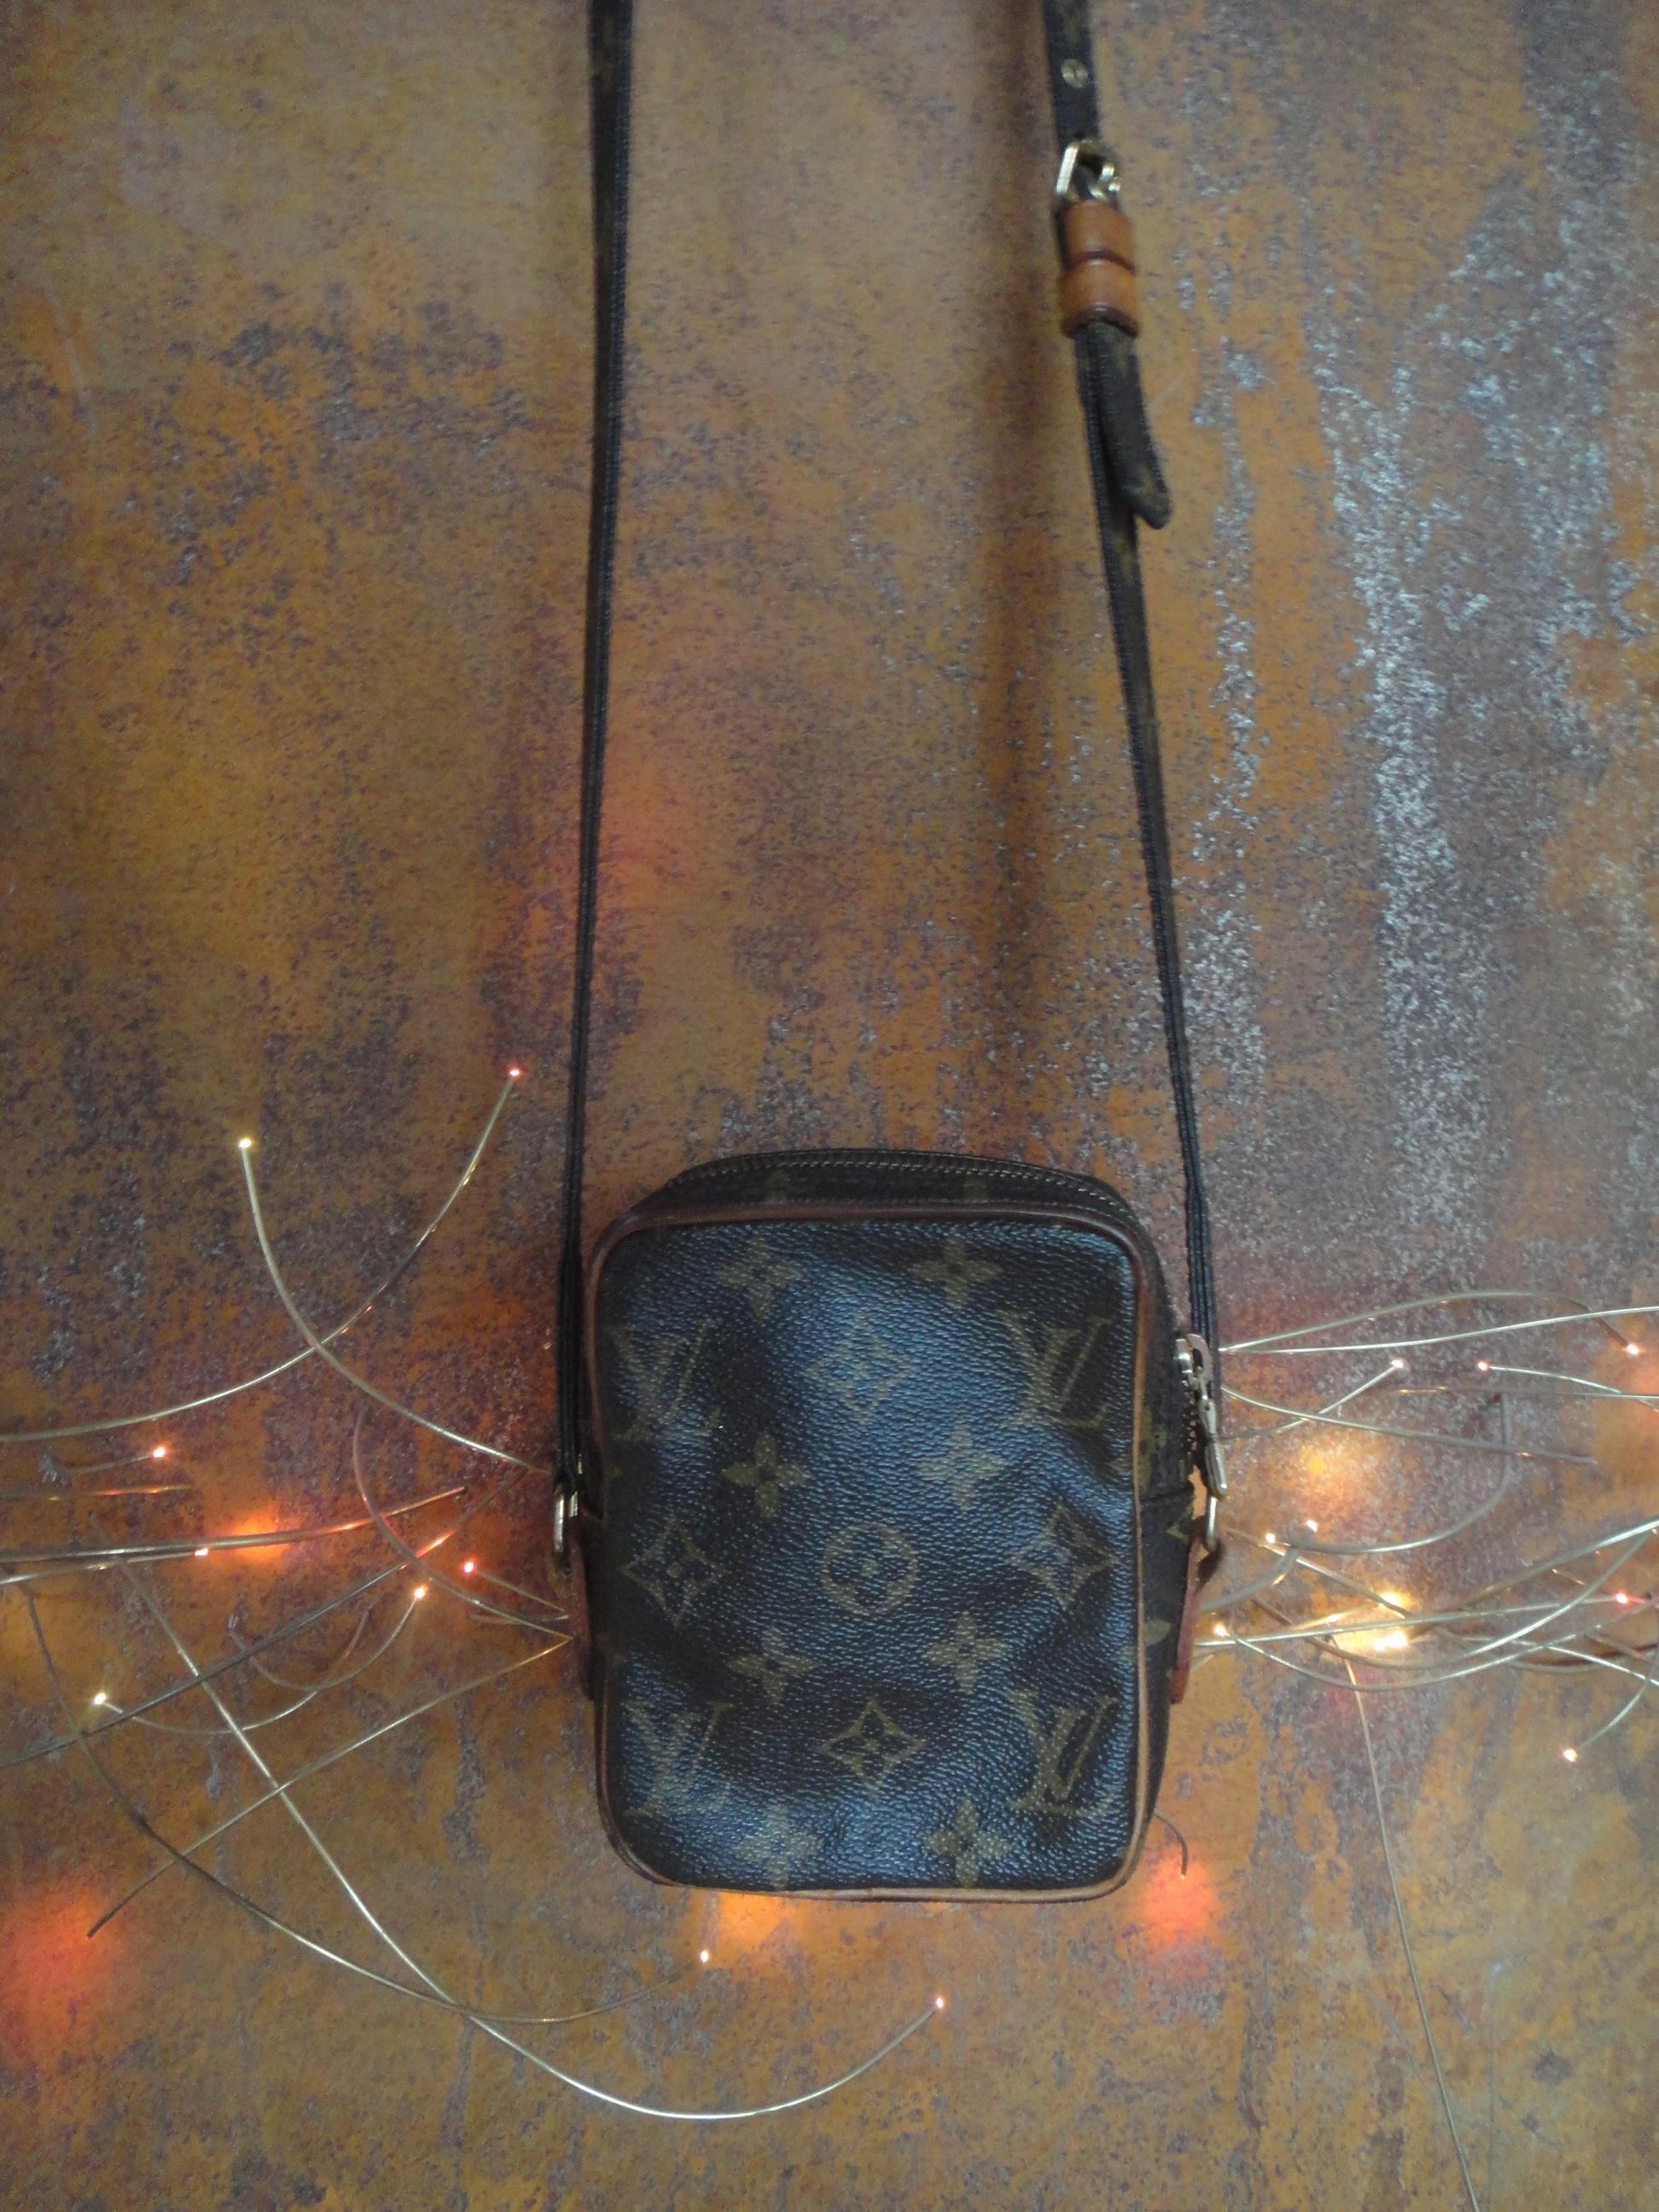 My first Louis Vuitton bag  - DANUBE - meine erste Louis Vuitton Tasche